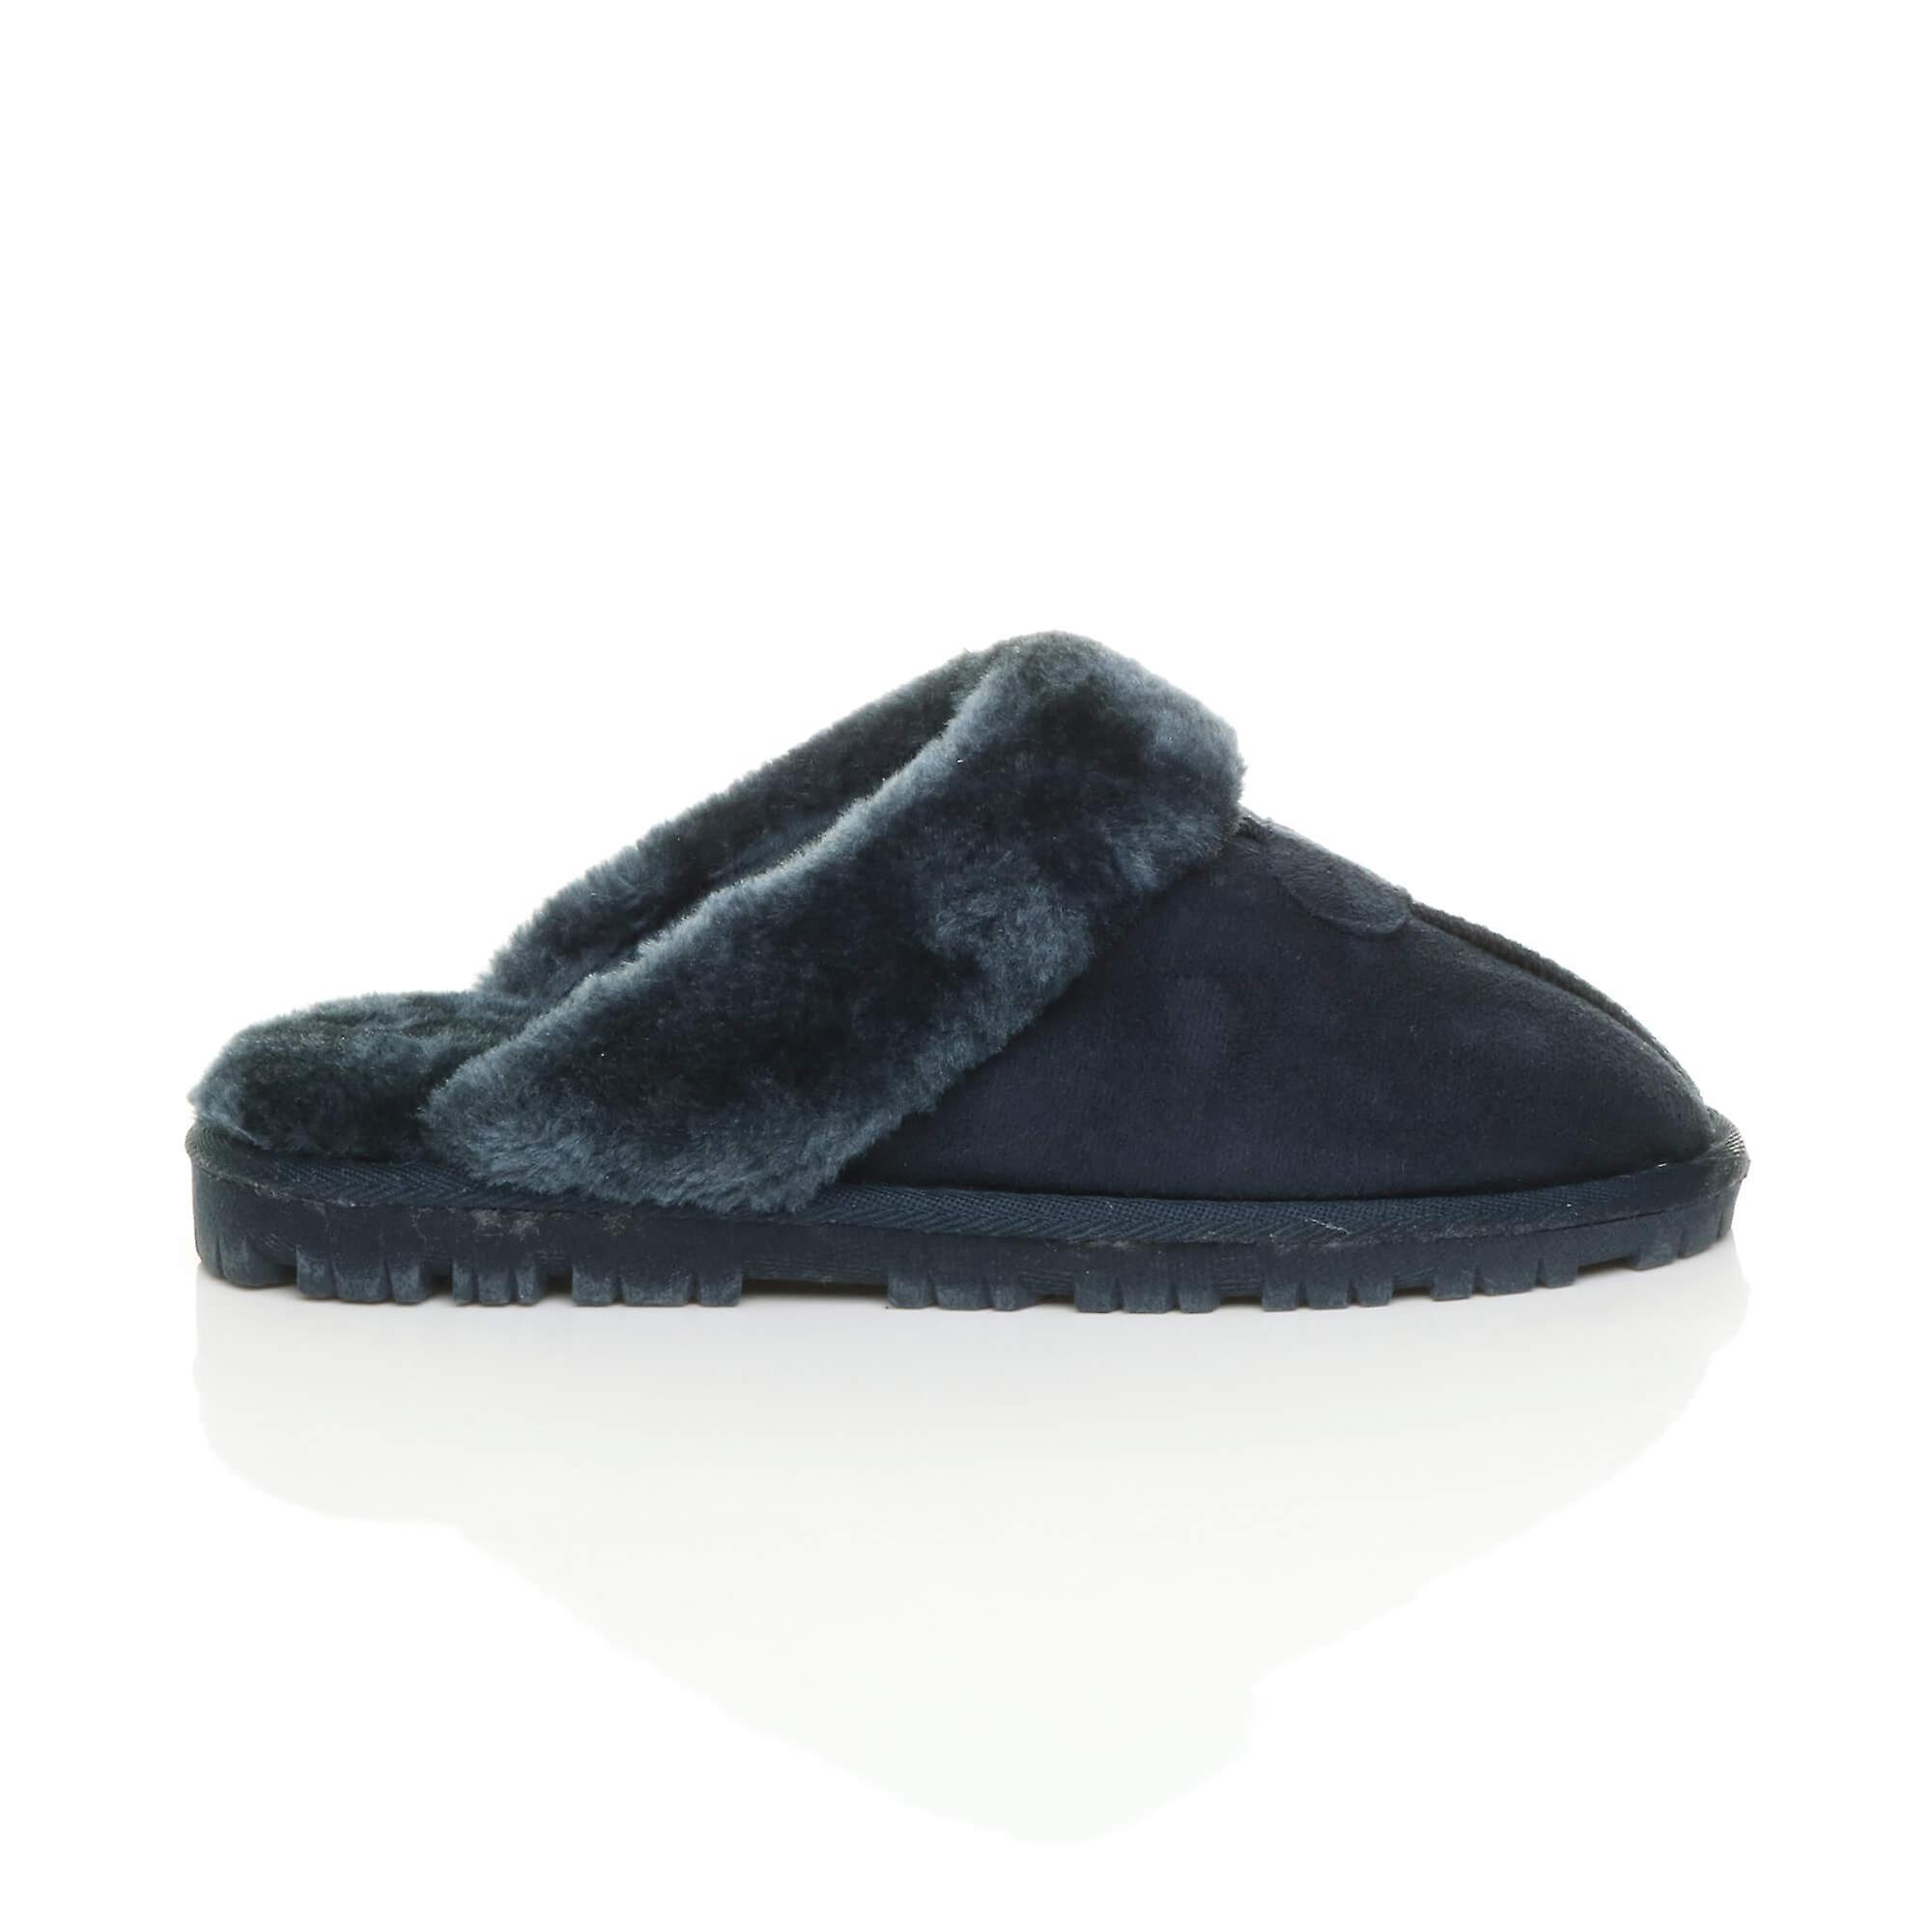 shoes flat faux winter slippers luxury mules slip sheepskin womens on fur Ajvani lined 75wS6aaq